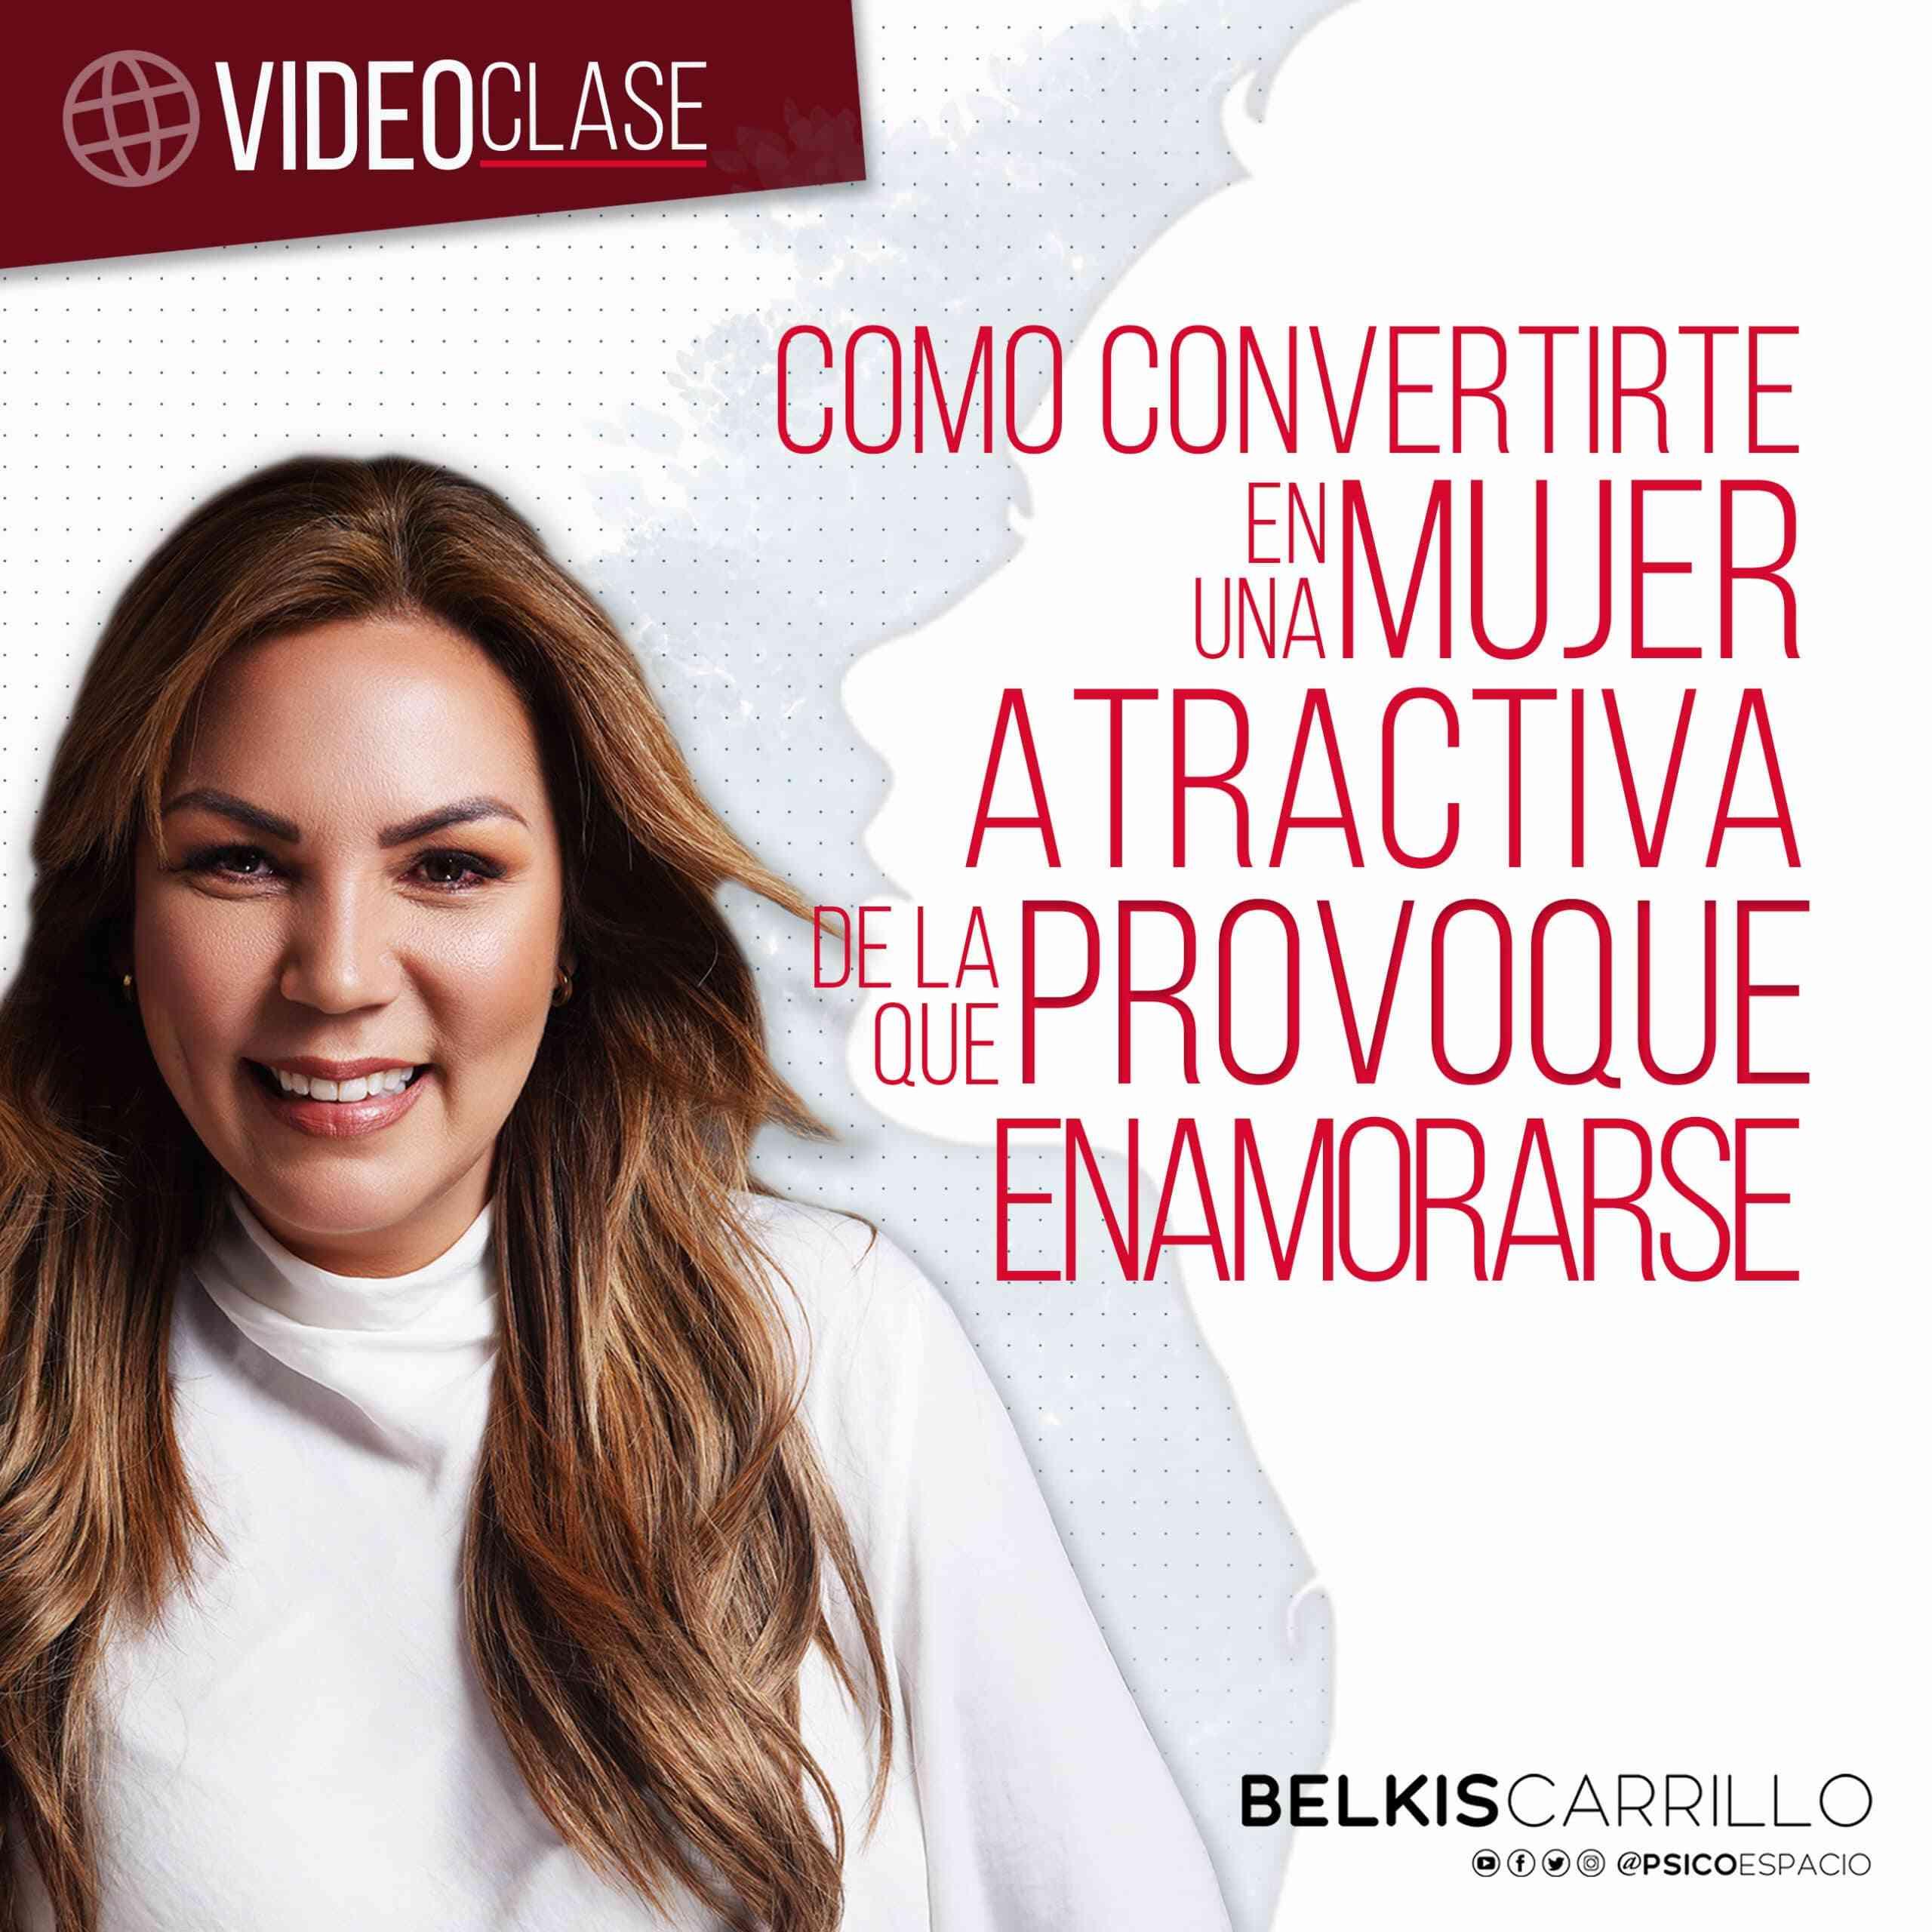 Videoclase - Cómo convertirte en una mujer atractiva de la que provoque enamorarse